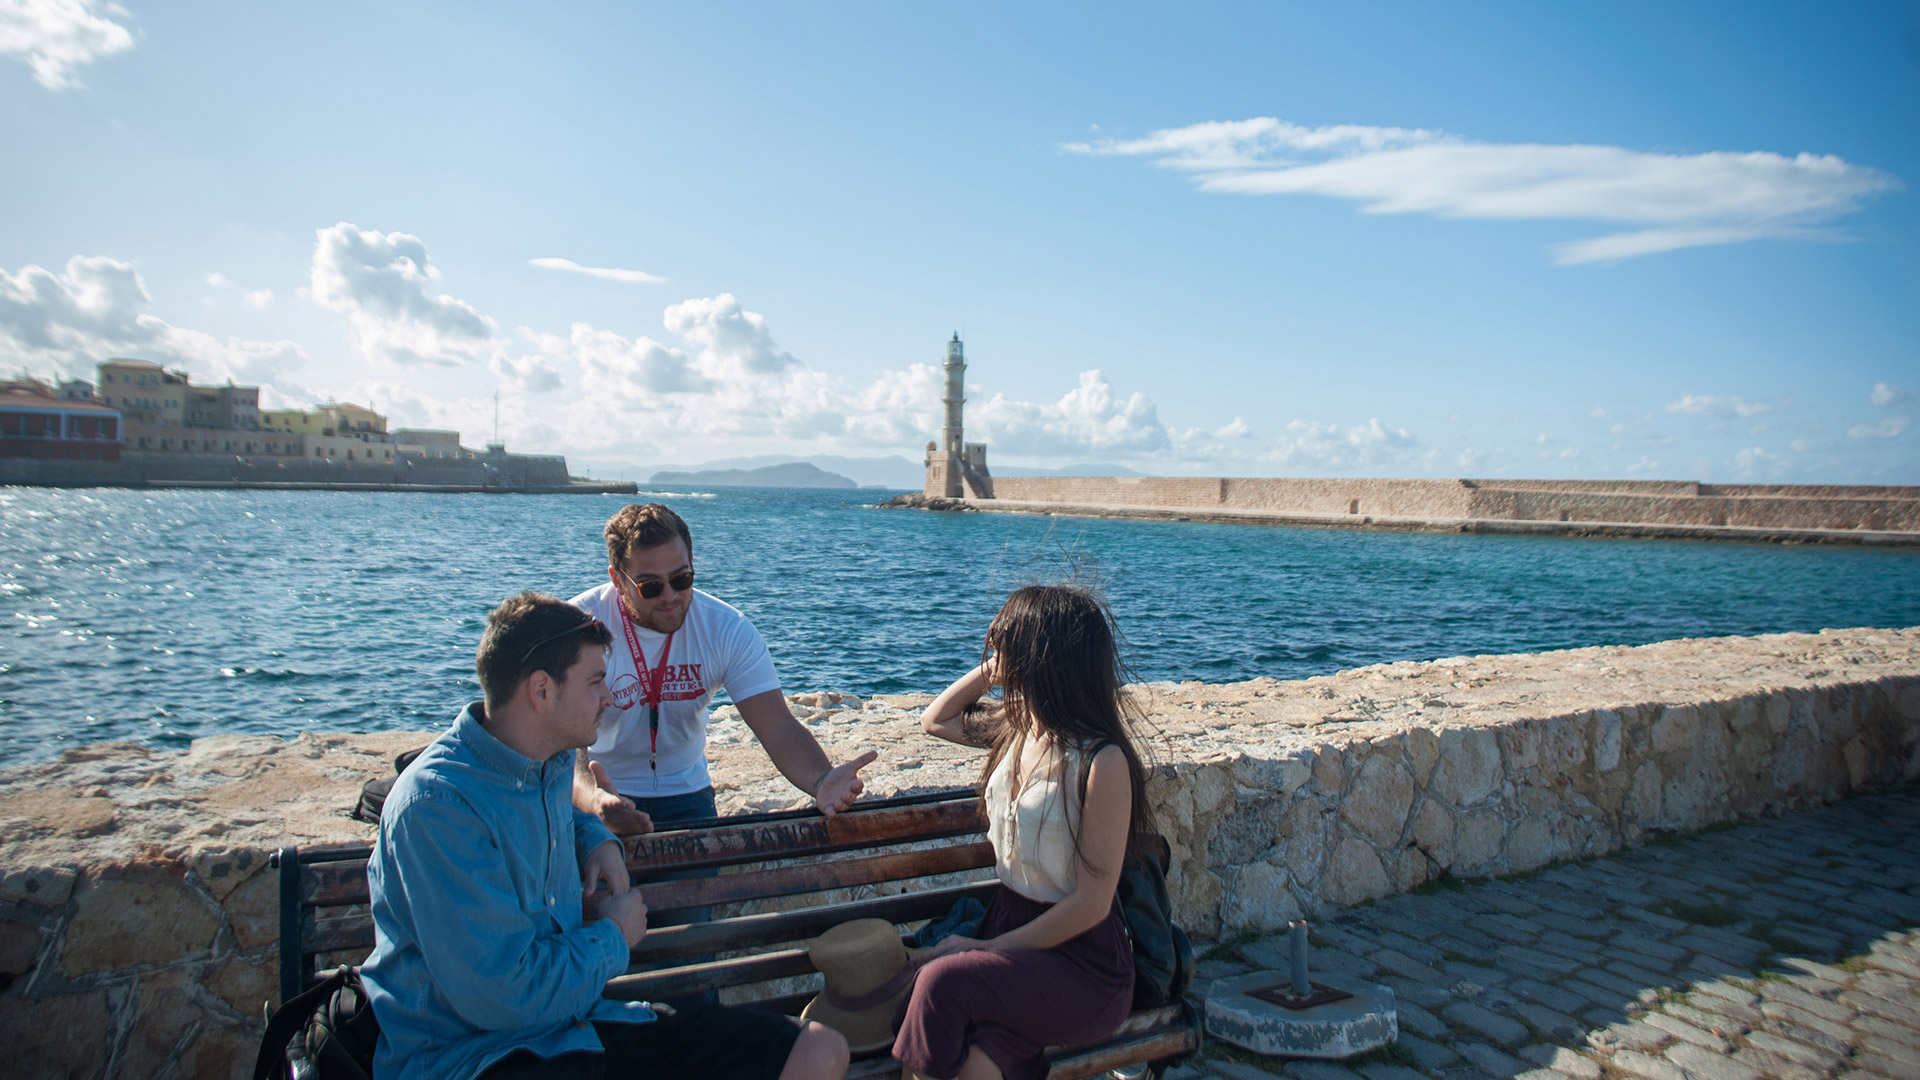 Getting around in Crete